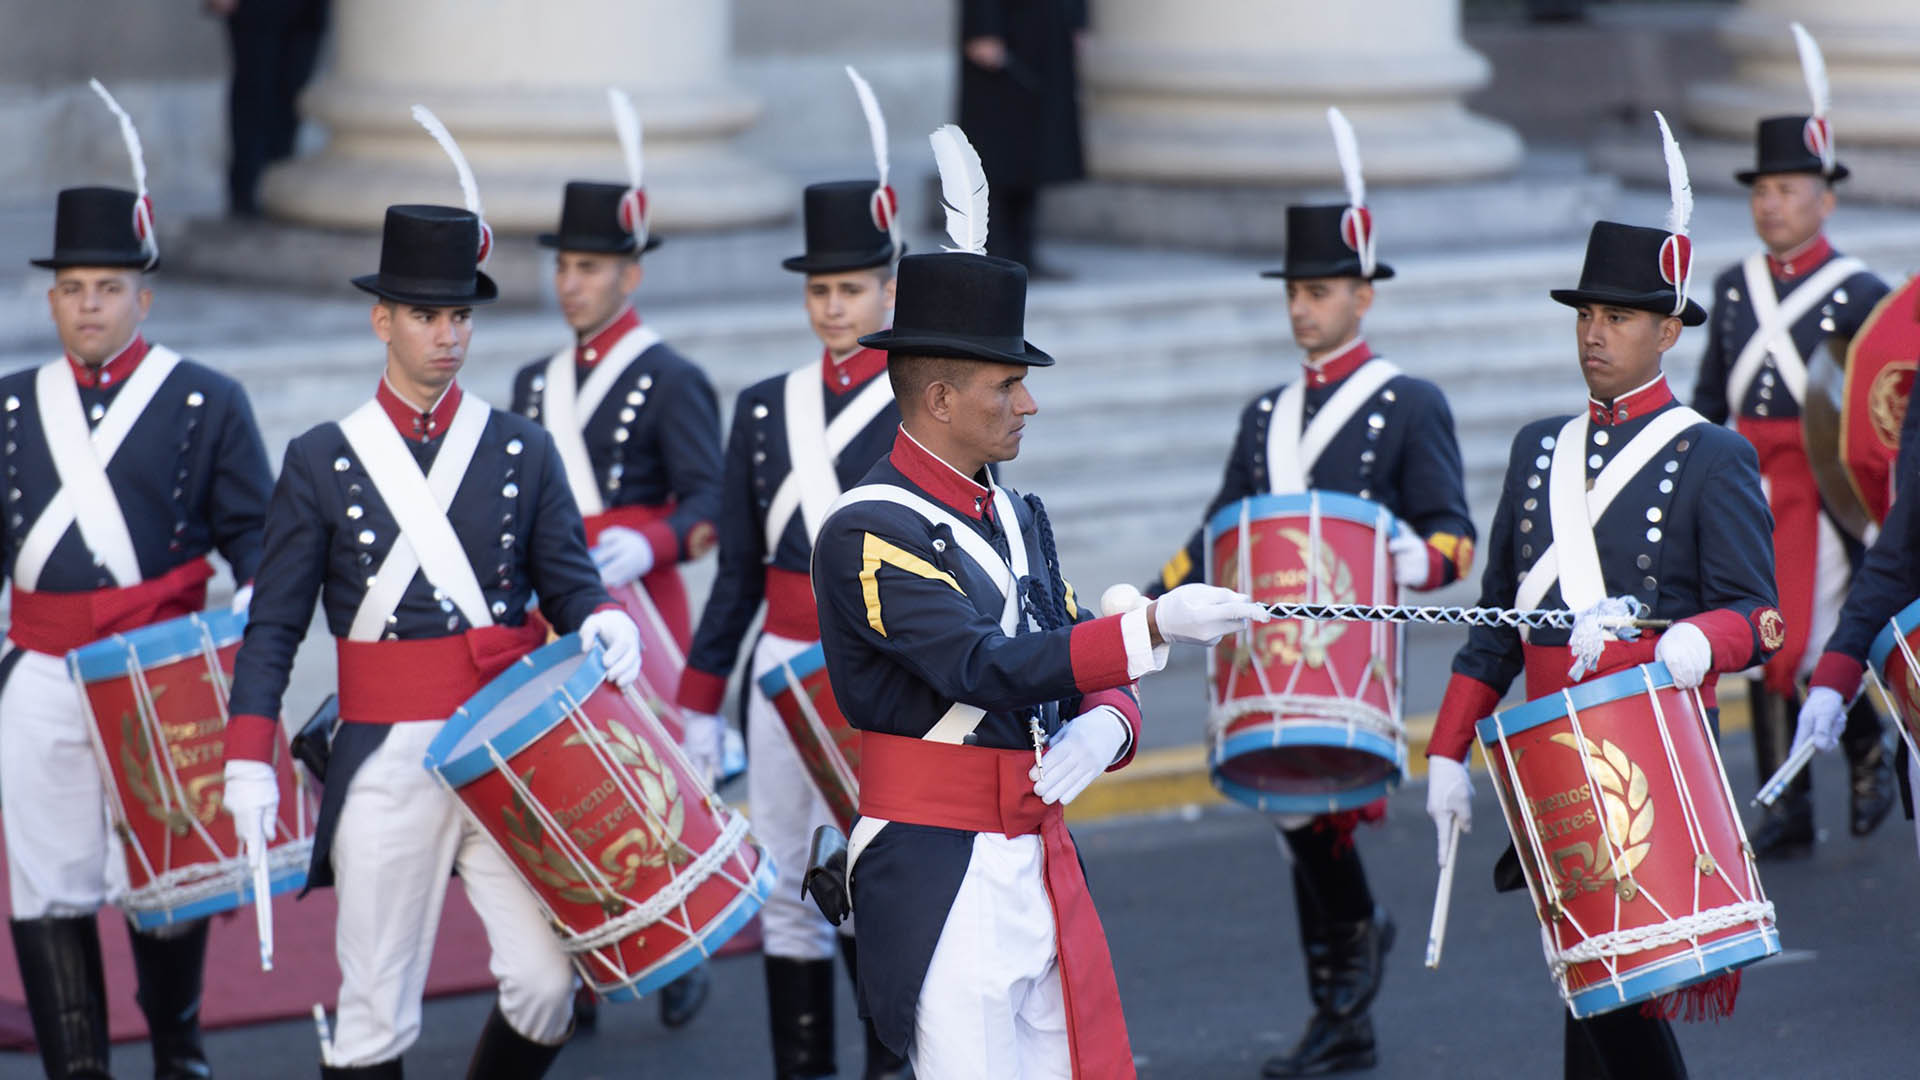 Los granaderos estuvieron a cargo de la musicalización del himno nacional